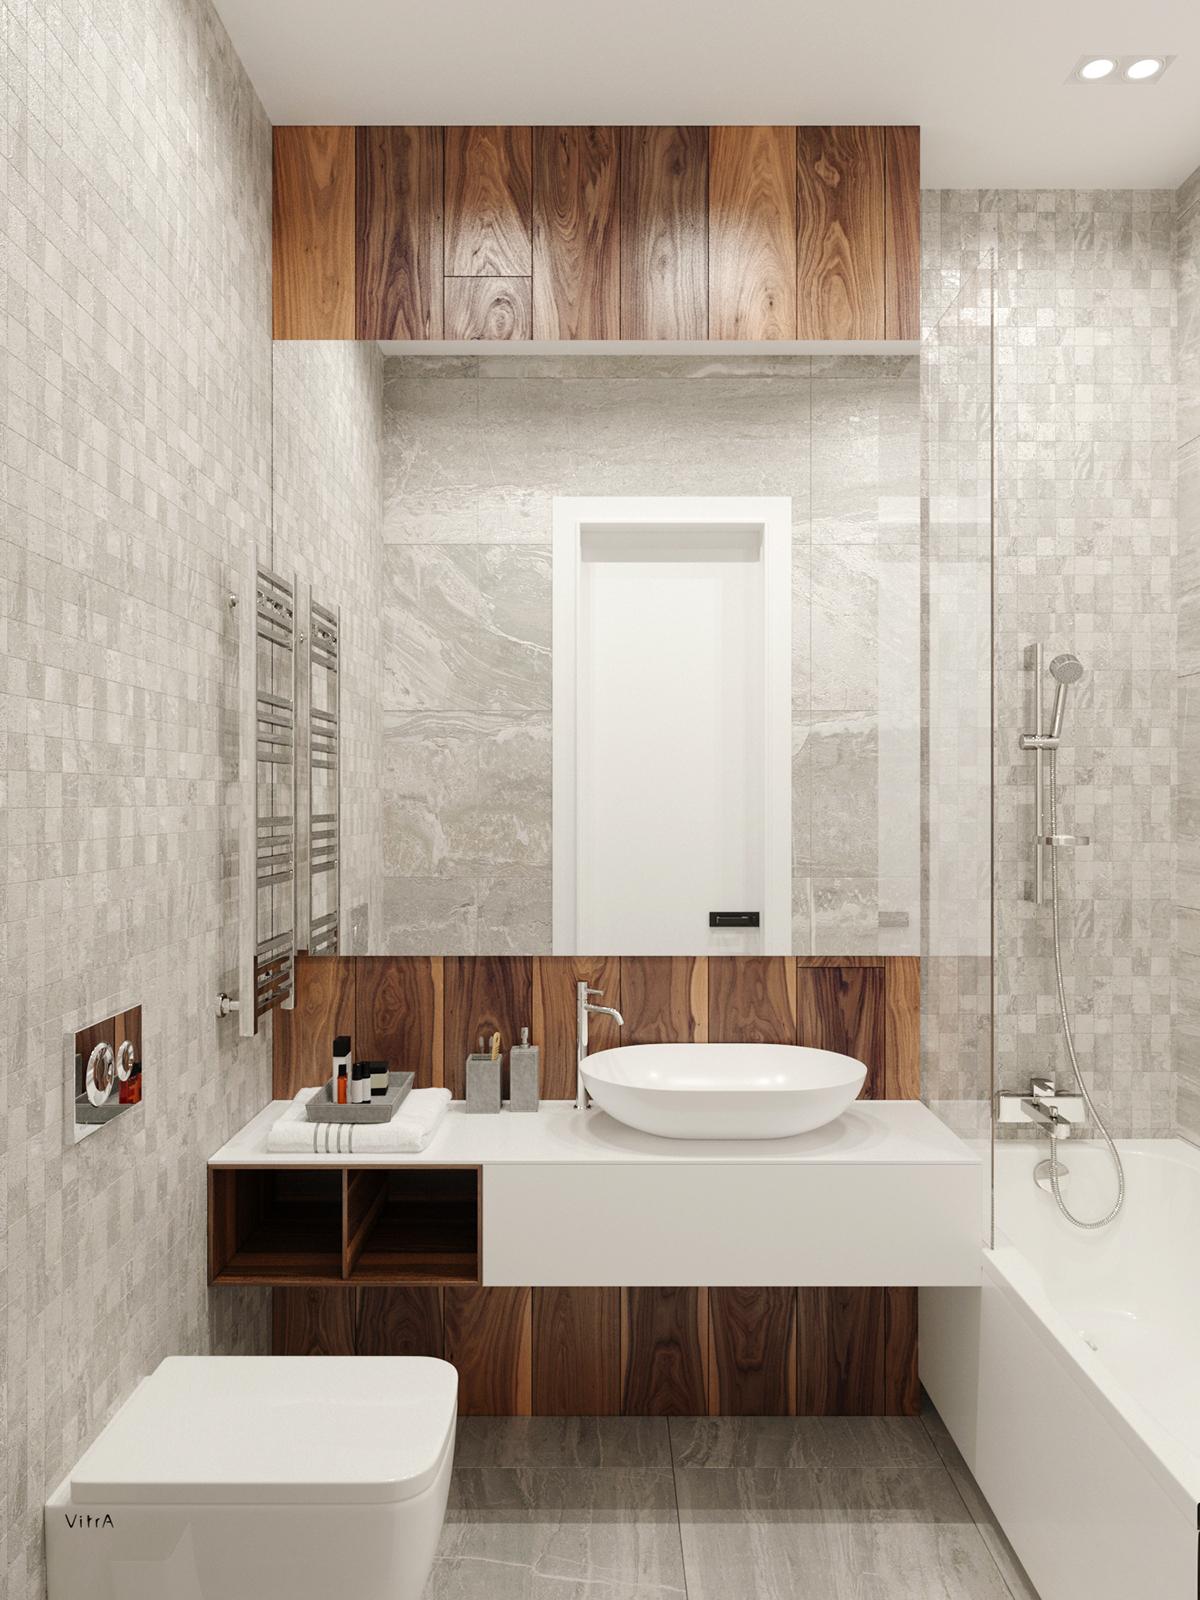 时尚简约公寓卫生间装修效果图